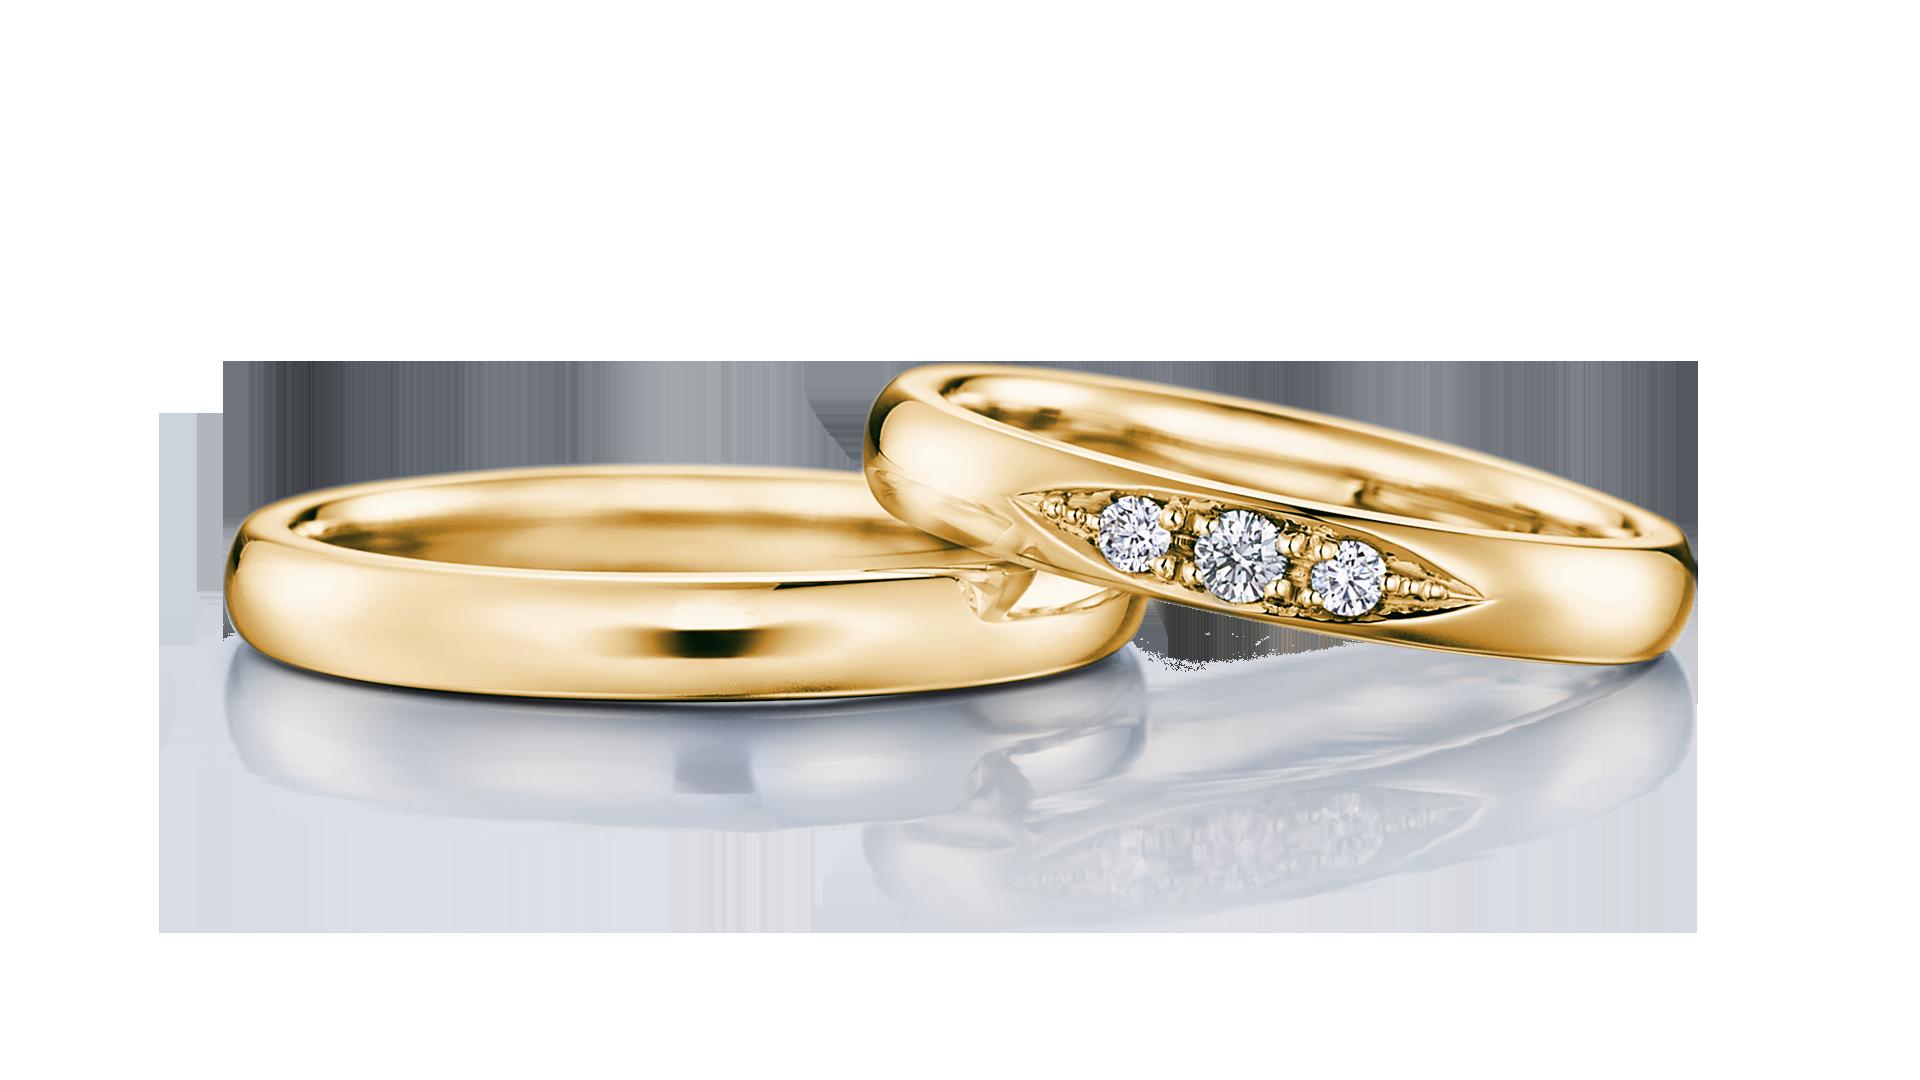 poseidon ポセイドン | 結婚指輪サムネイル 1